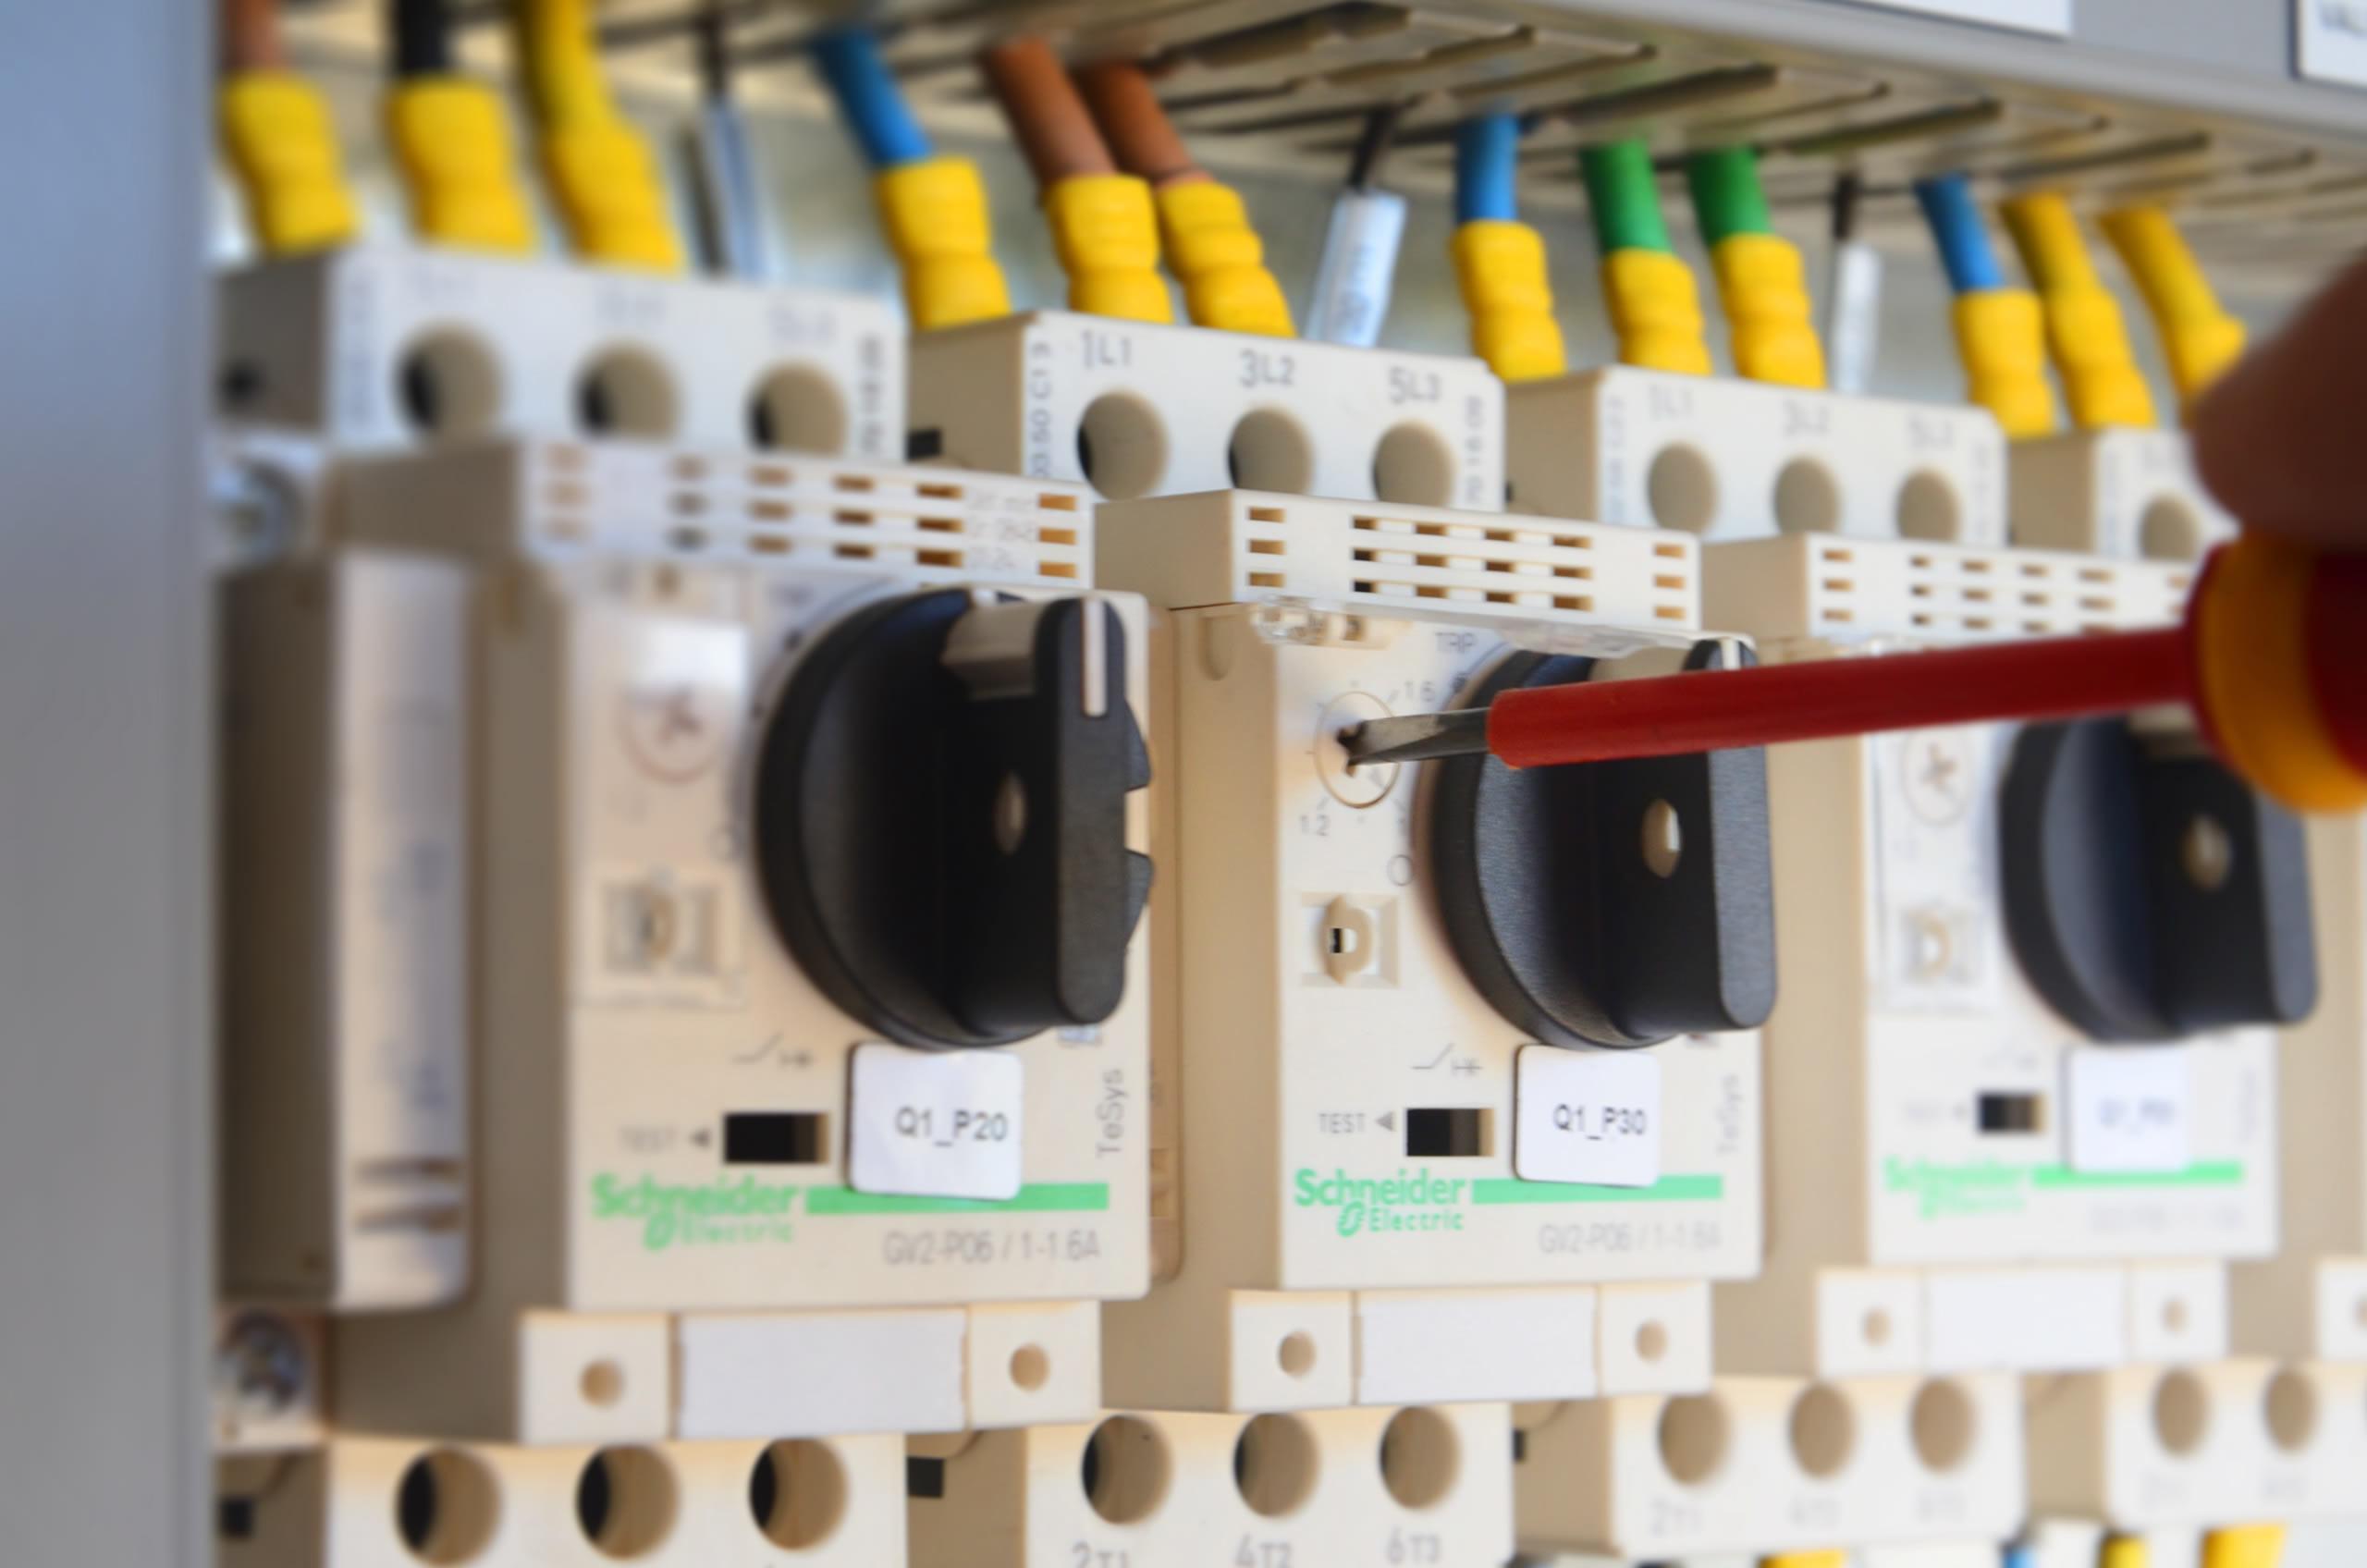 Image du réglage d'un tableau électrique d'une unité de Biogaz réalisé par Valpronat